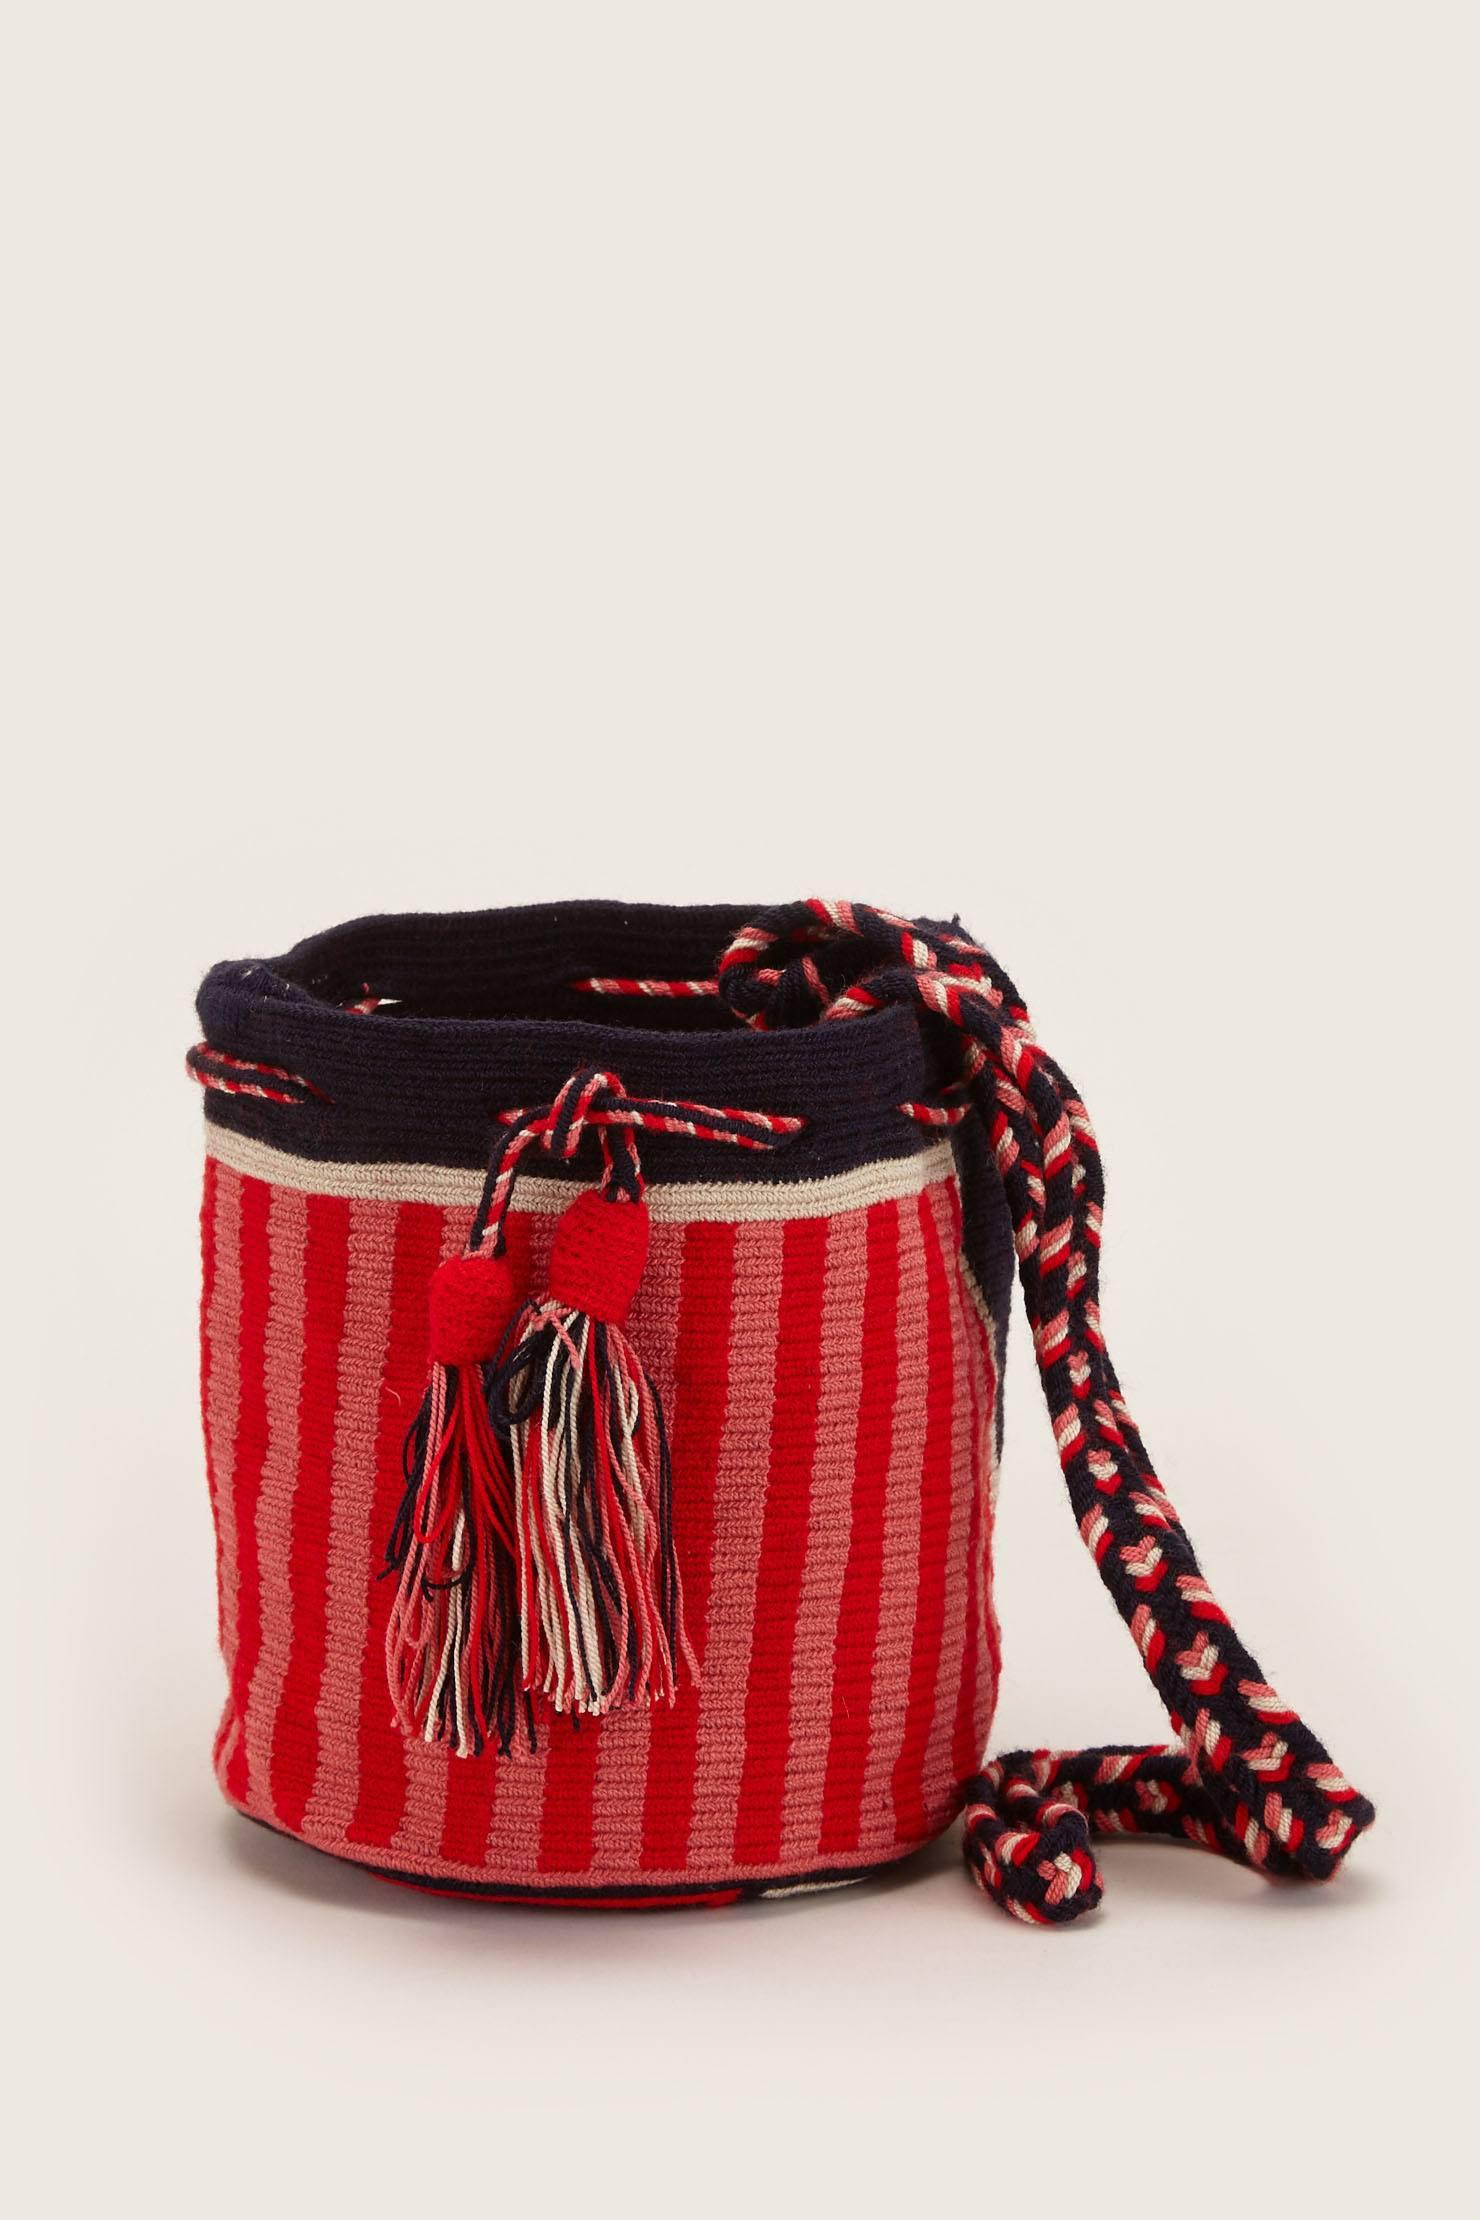 Mola Bag in Red Guanabana ZIjsgj